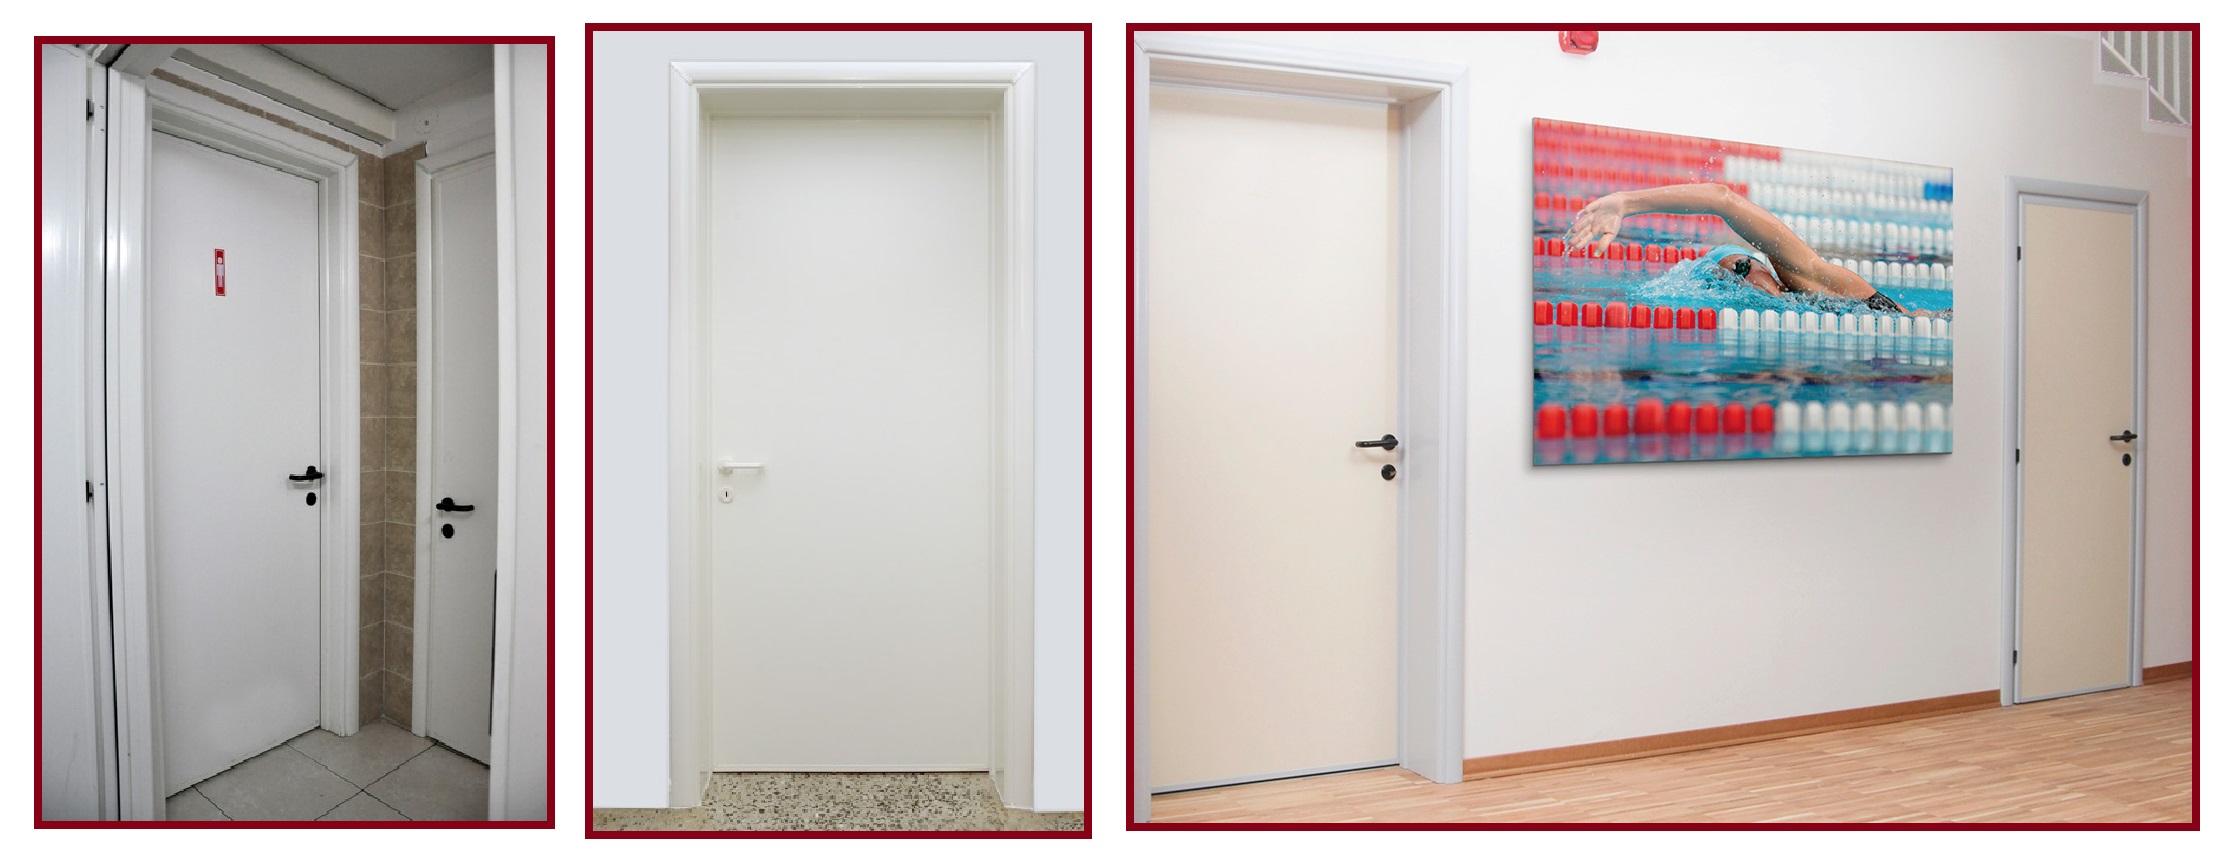 Porta Scorrevole Su Muro Portante stipite per spessore muro fino a 20 cm per porte interne in